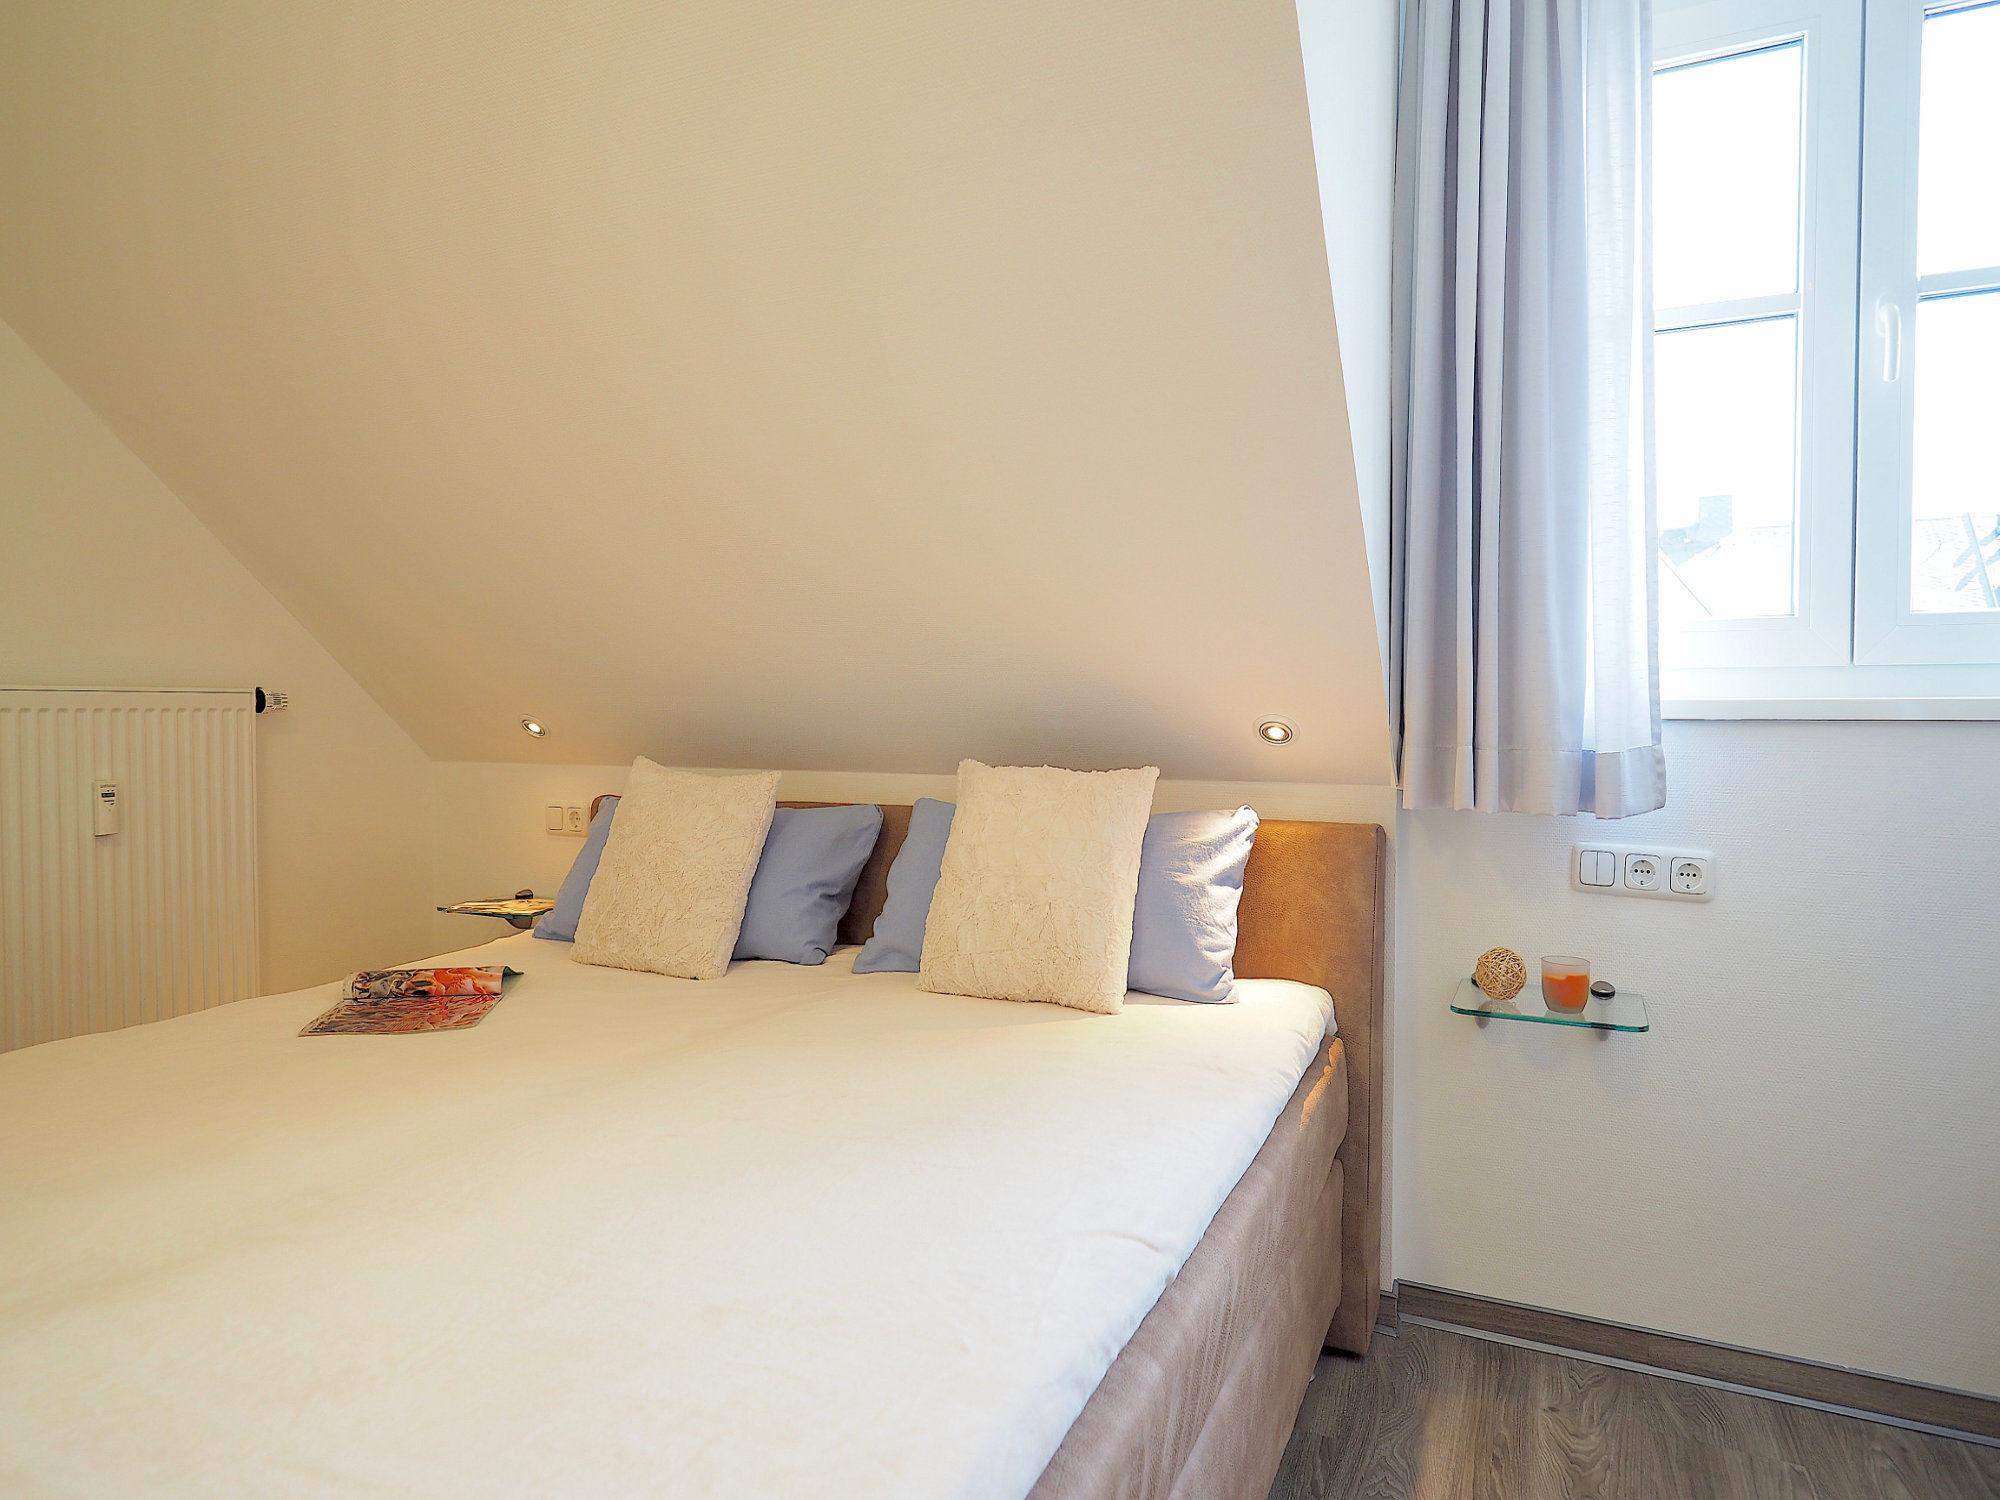 Schlafzimmer mit Doppelbett und Fenster